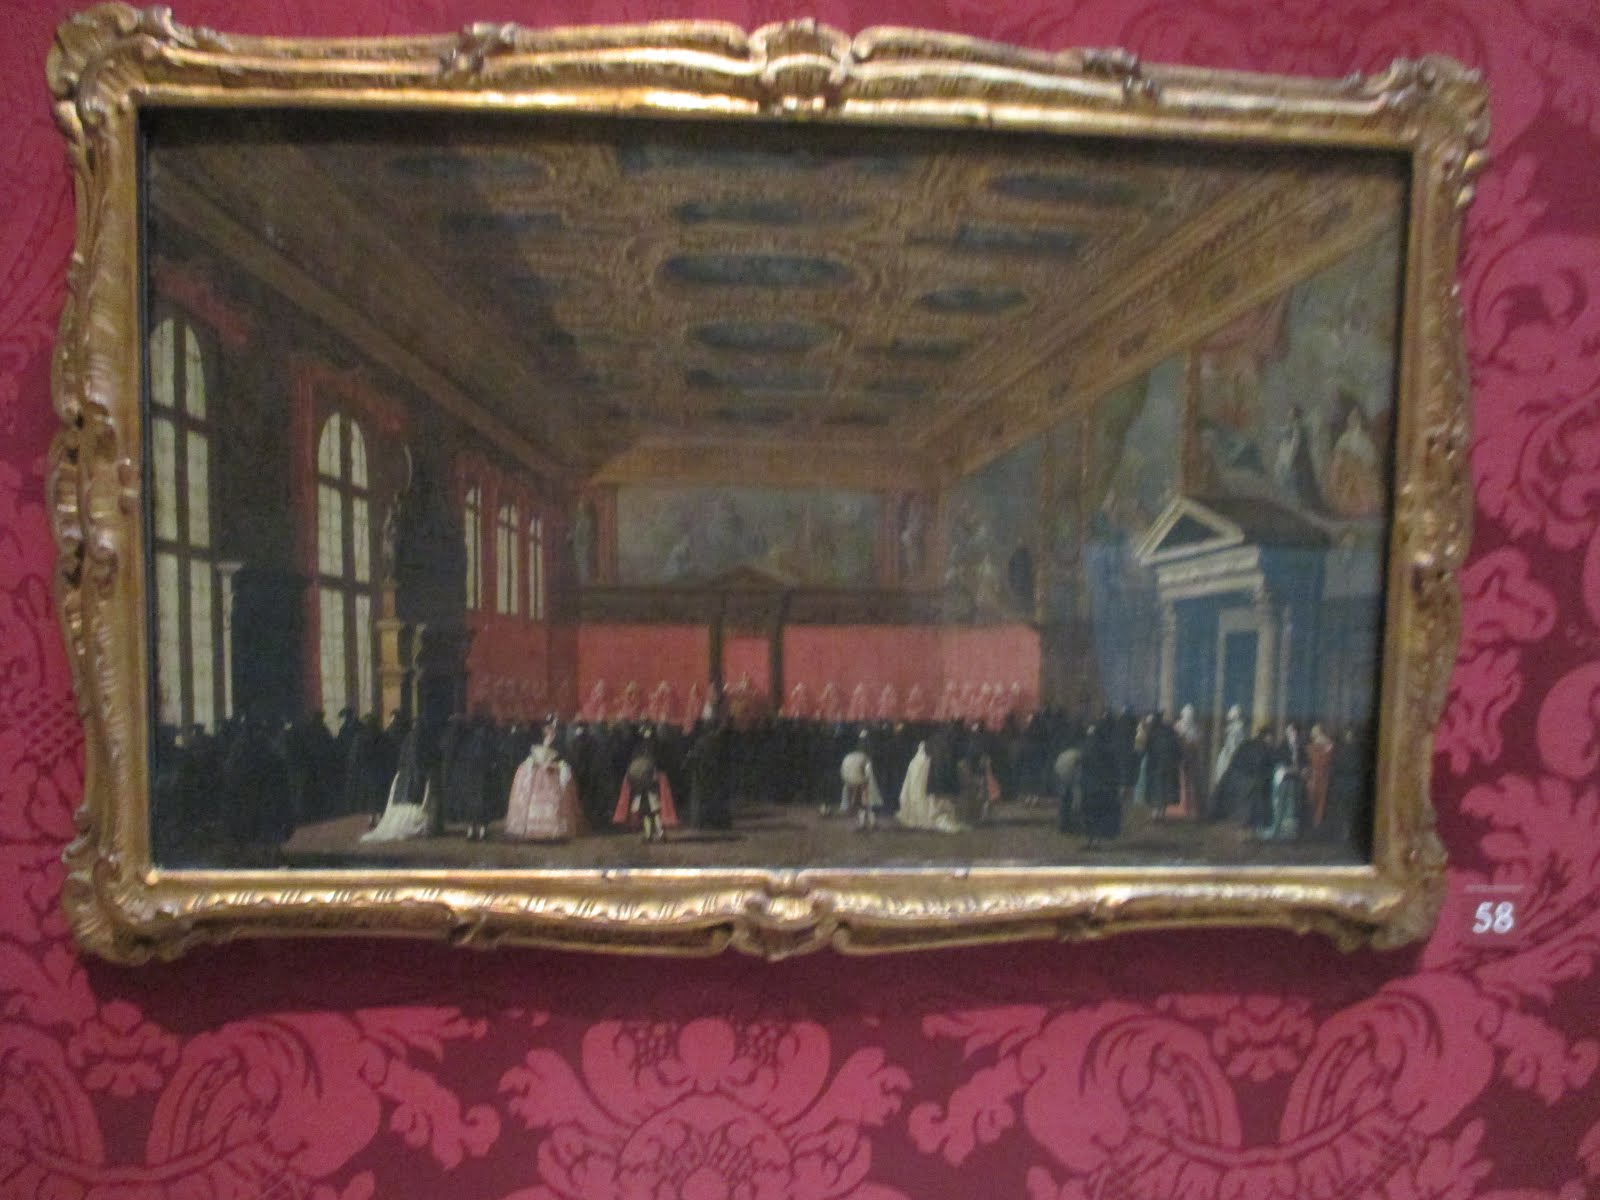 BALTIMORE WALTERS ART MUSEUM L'INTÉRIEUR DU PALAIS DES DOGES À VENISE